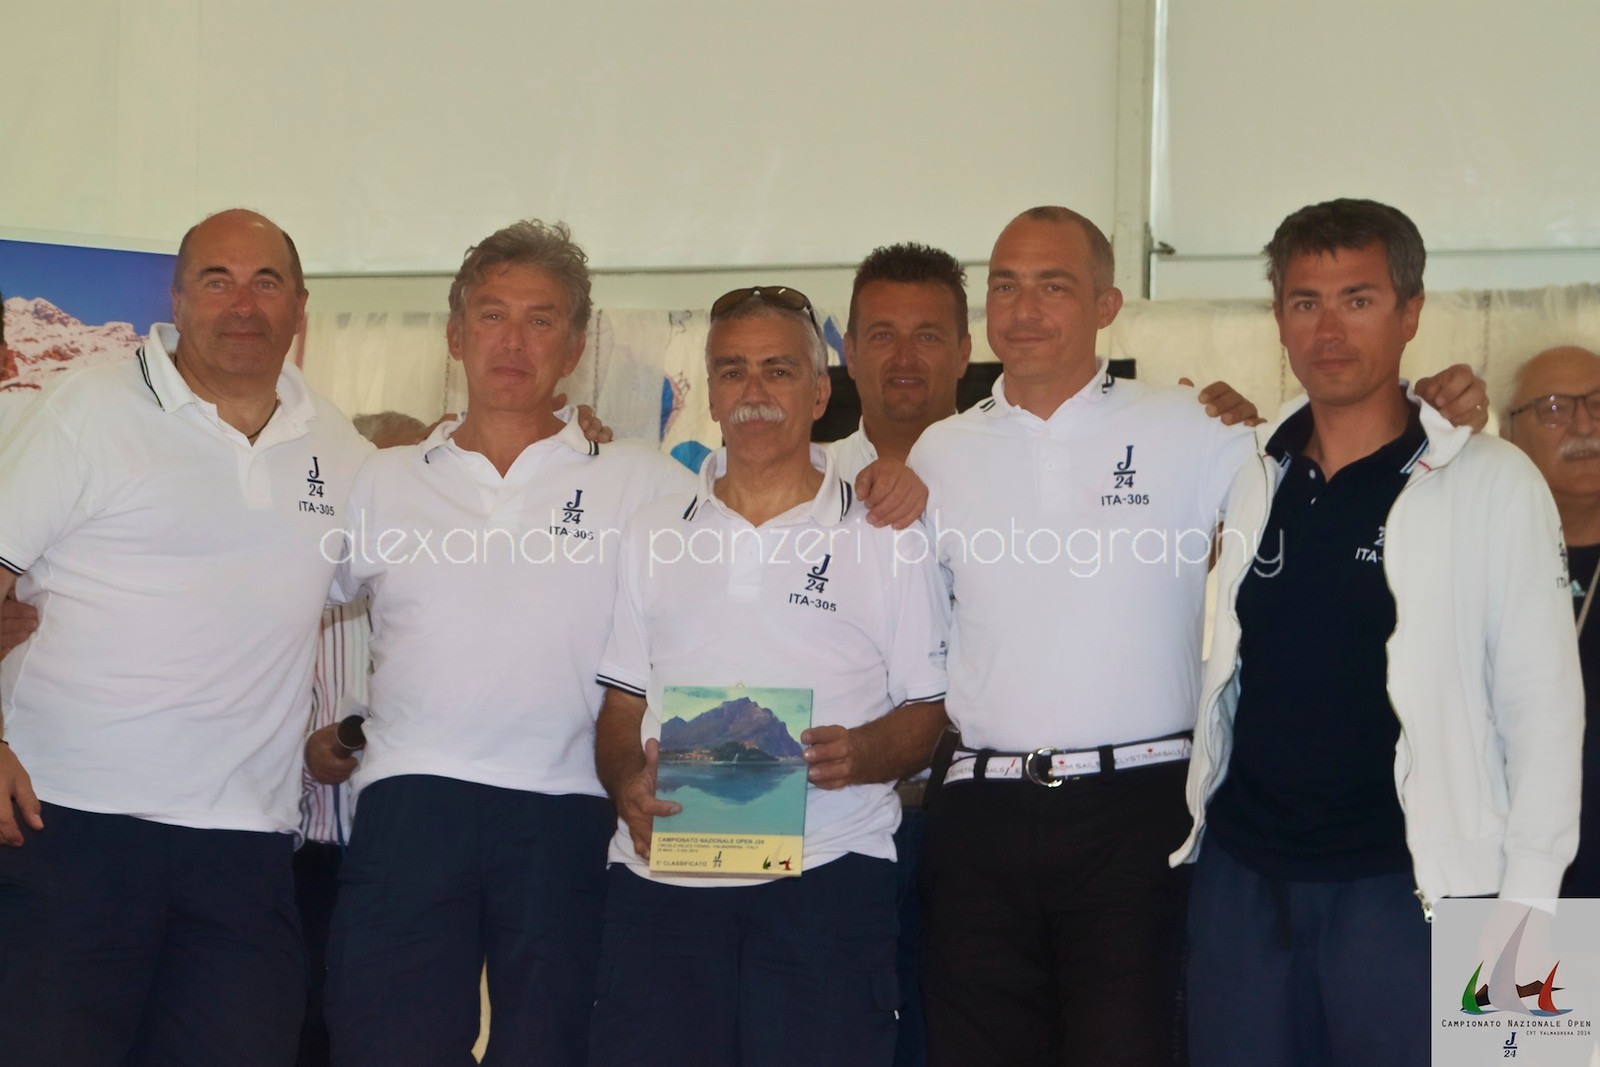 Team di Kils premiato per la quinta posizione Assoluta